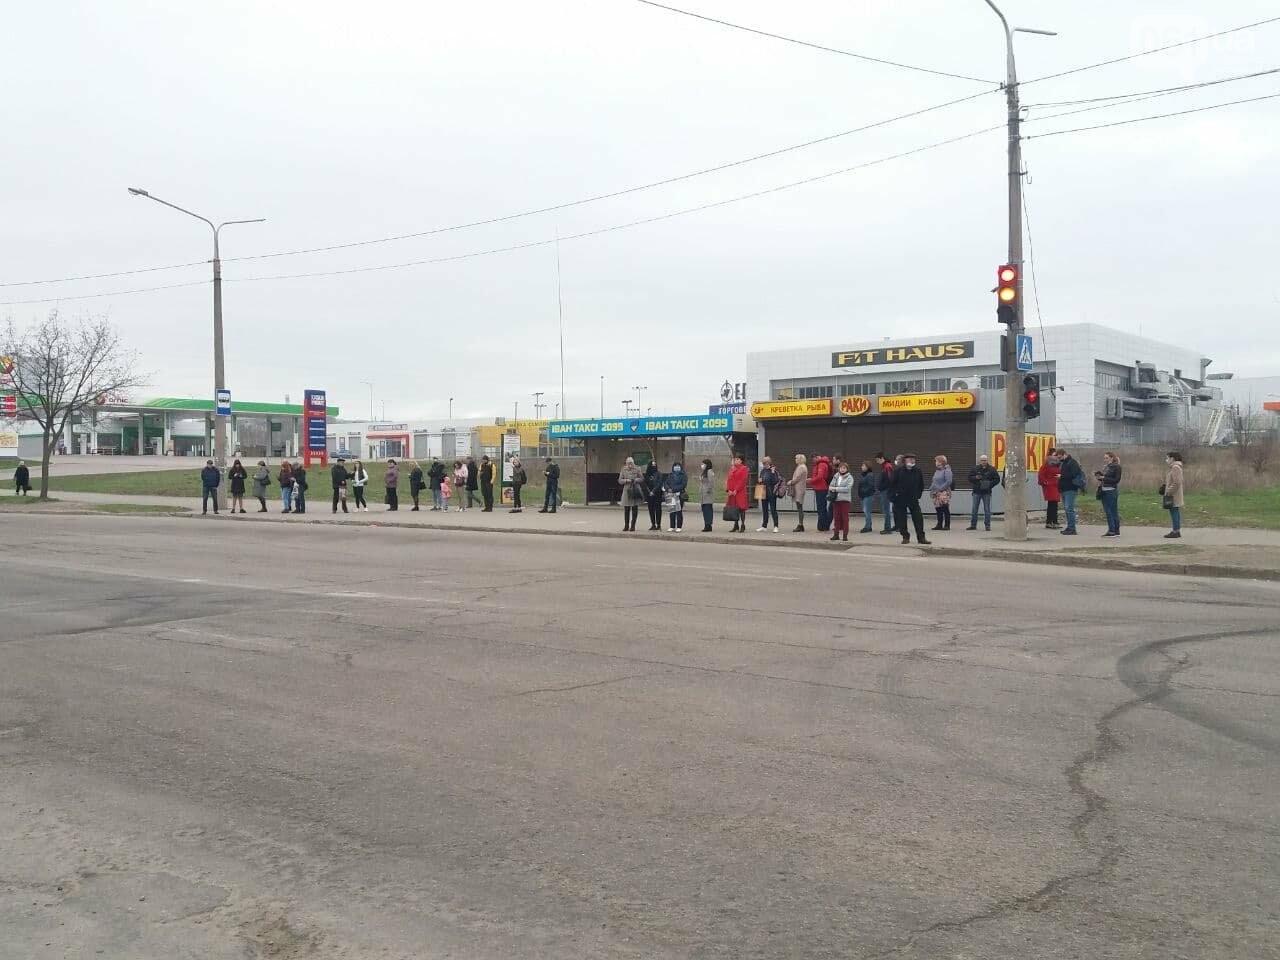 Первый день транспортного локдауна в Запорожье: что изменилось, - ФОТО, фото-1